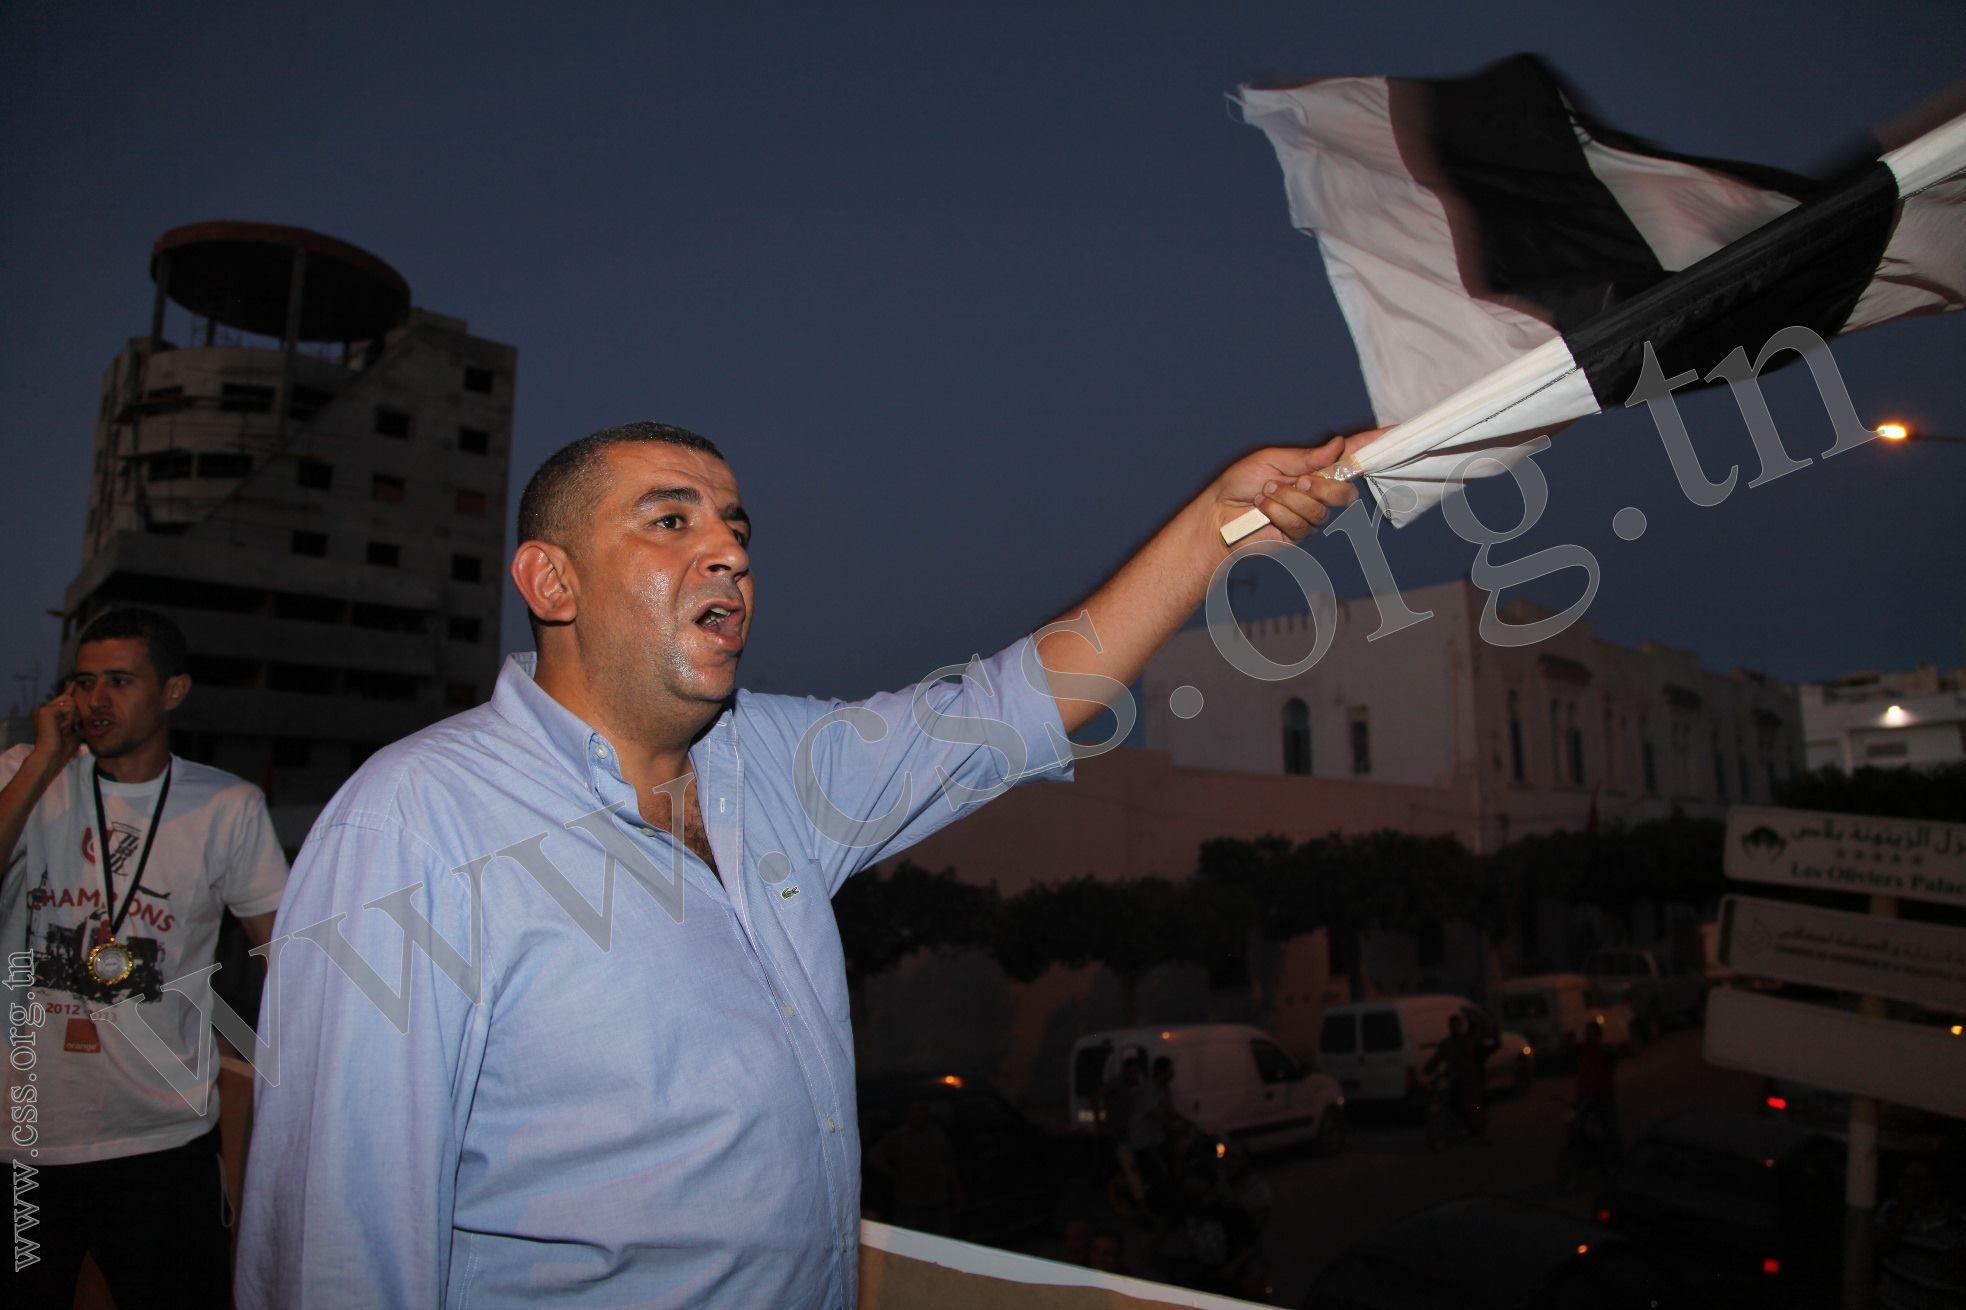 حسام بوصرصار